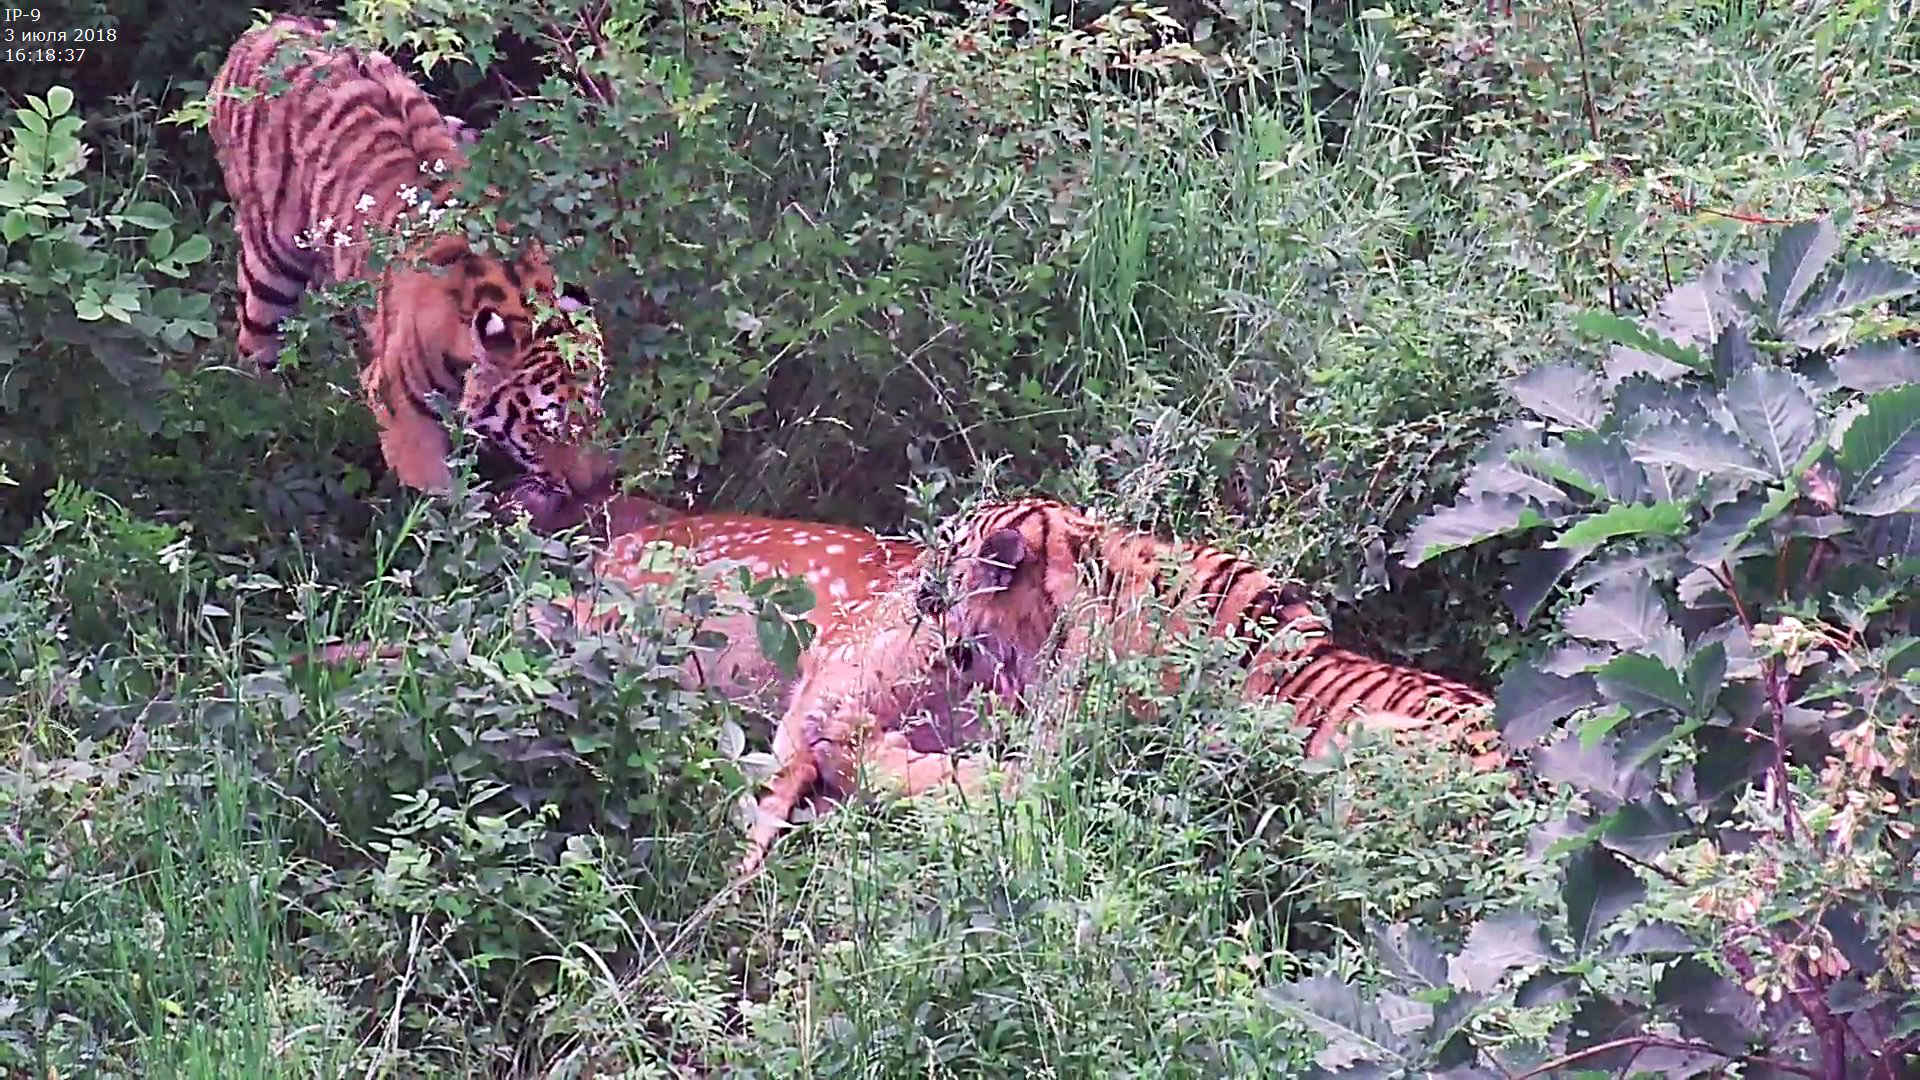 Tiger in Russland: Kamerafallenbild der beiden jungen Amur-Tiger beim Erlegen eines Hirsches im Tigr Rehab Center